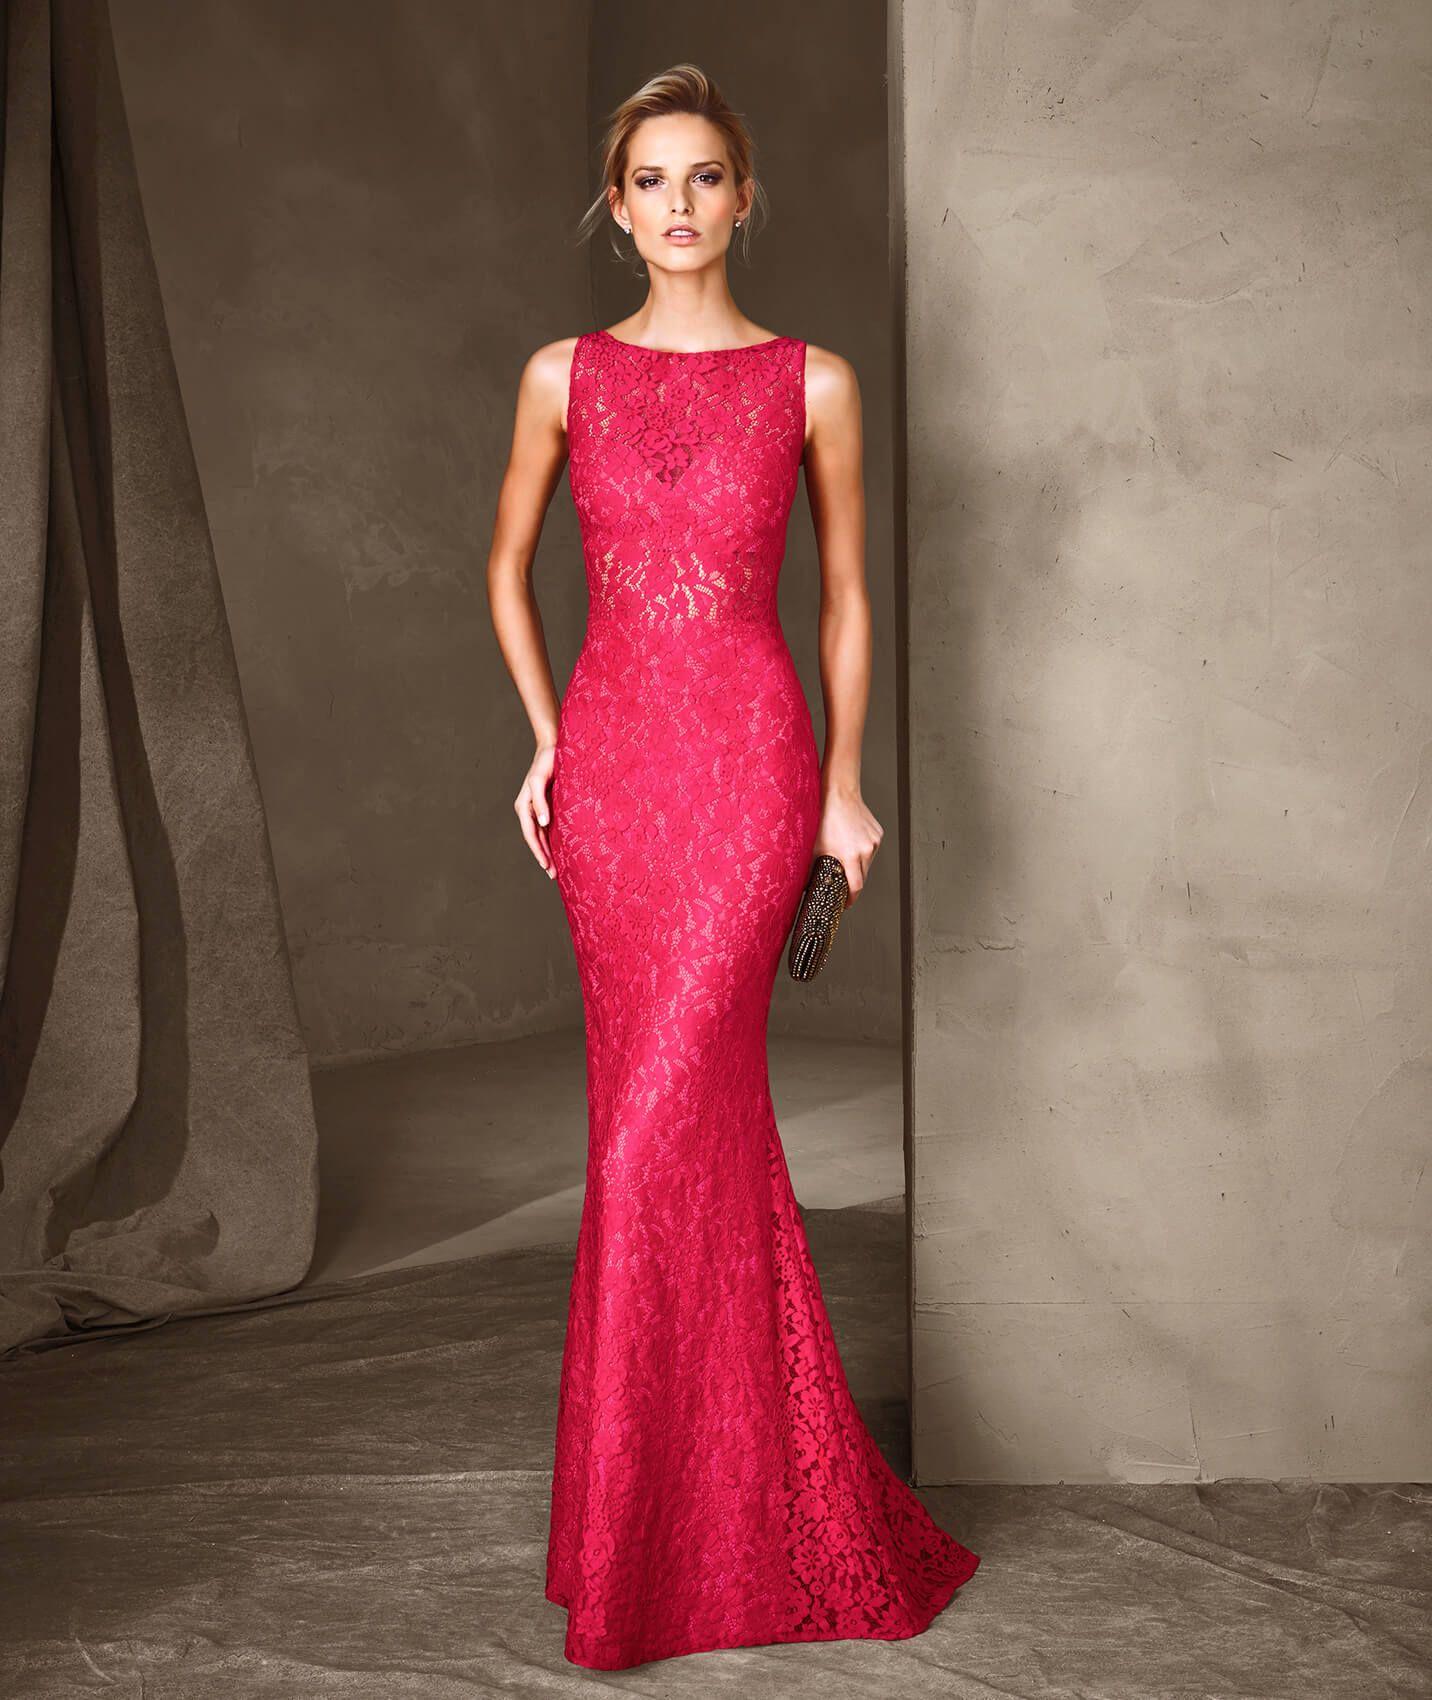 CARINA - Vestido de festa longo de renda  dc4c02680786